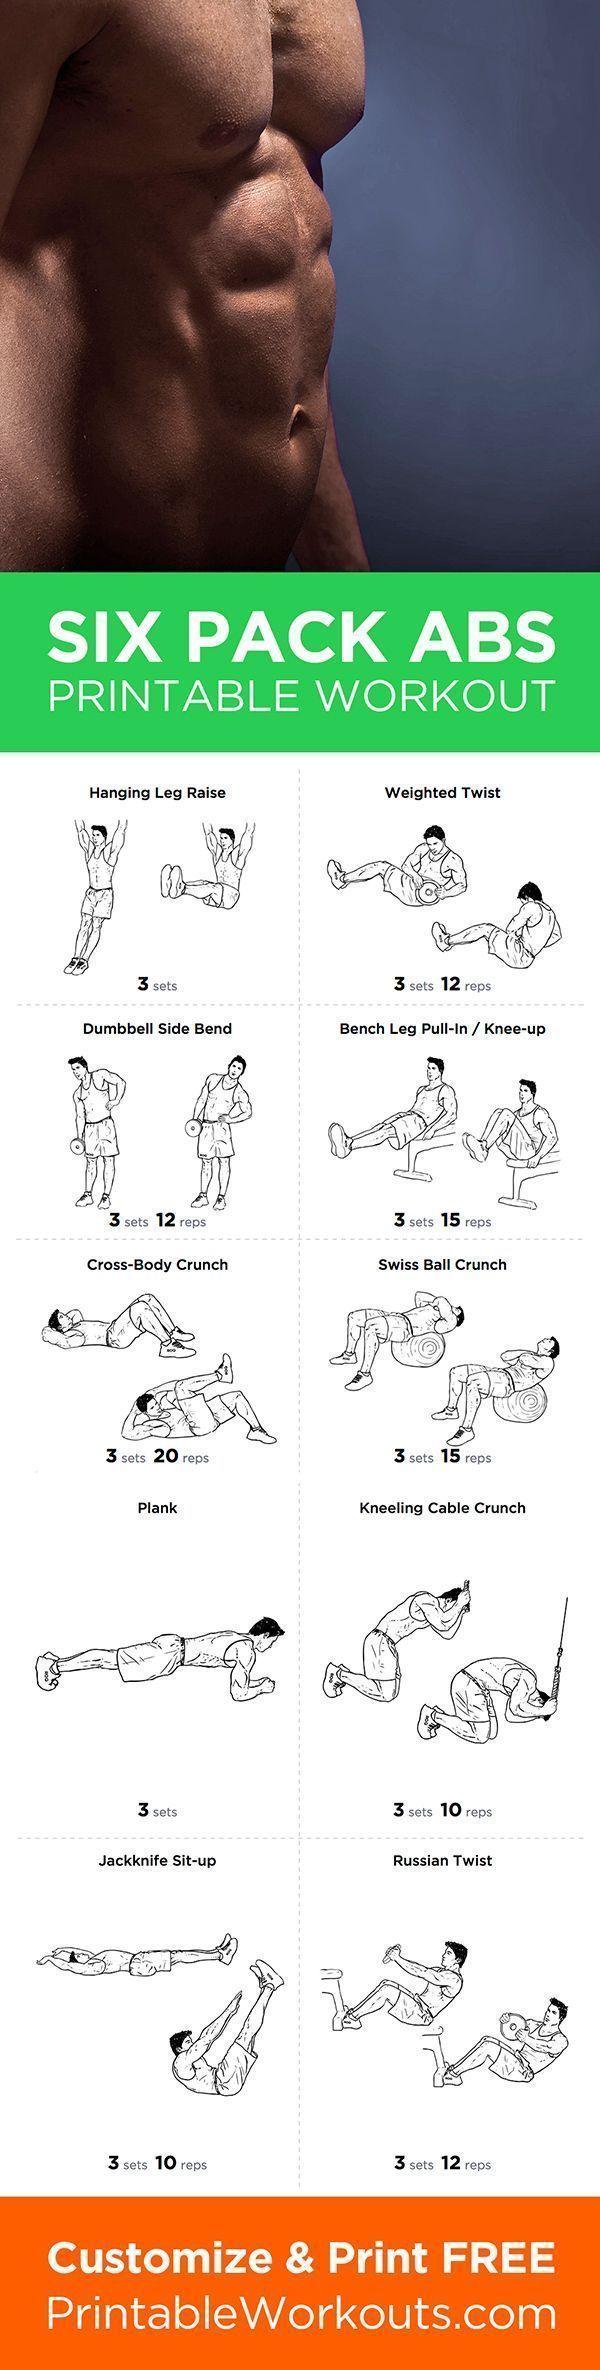 Ob Six-Pack-Bauchmuskeln, Muskeln oder Gewichtsverlust - diese Trainingspläne eignen sich hervorrage...